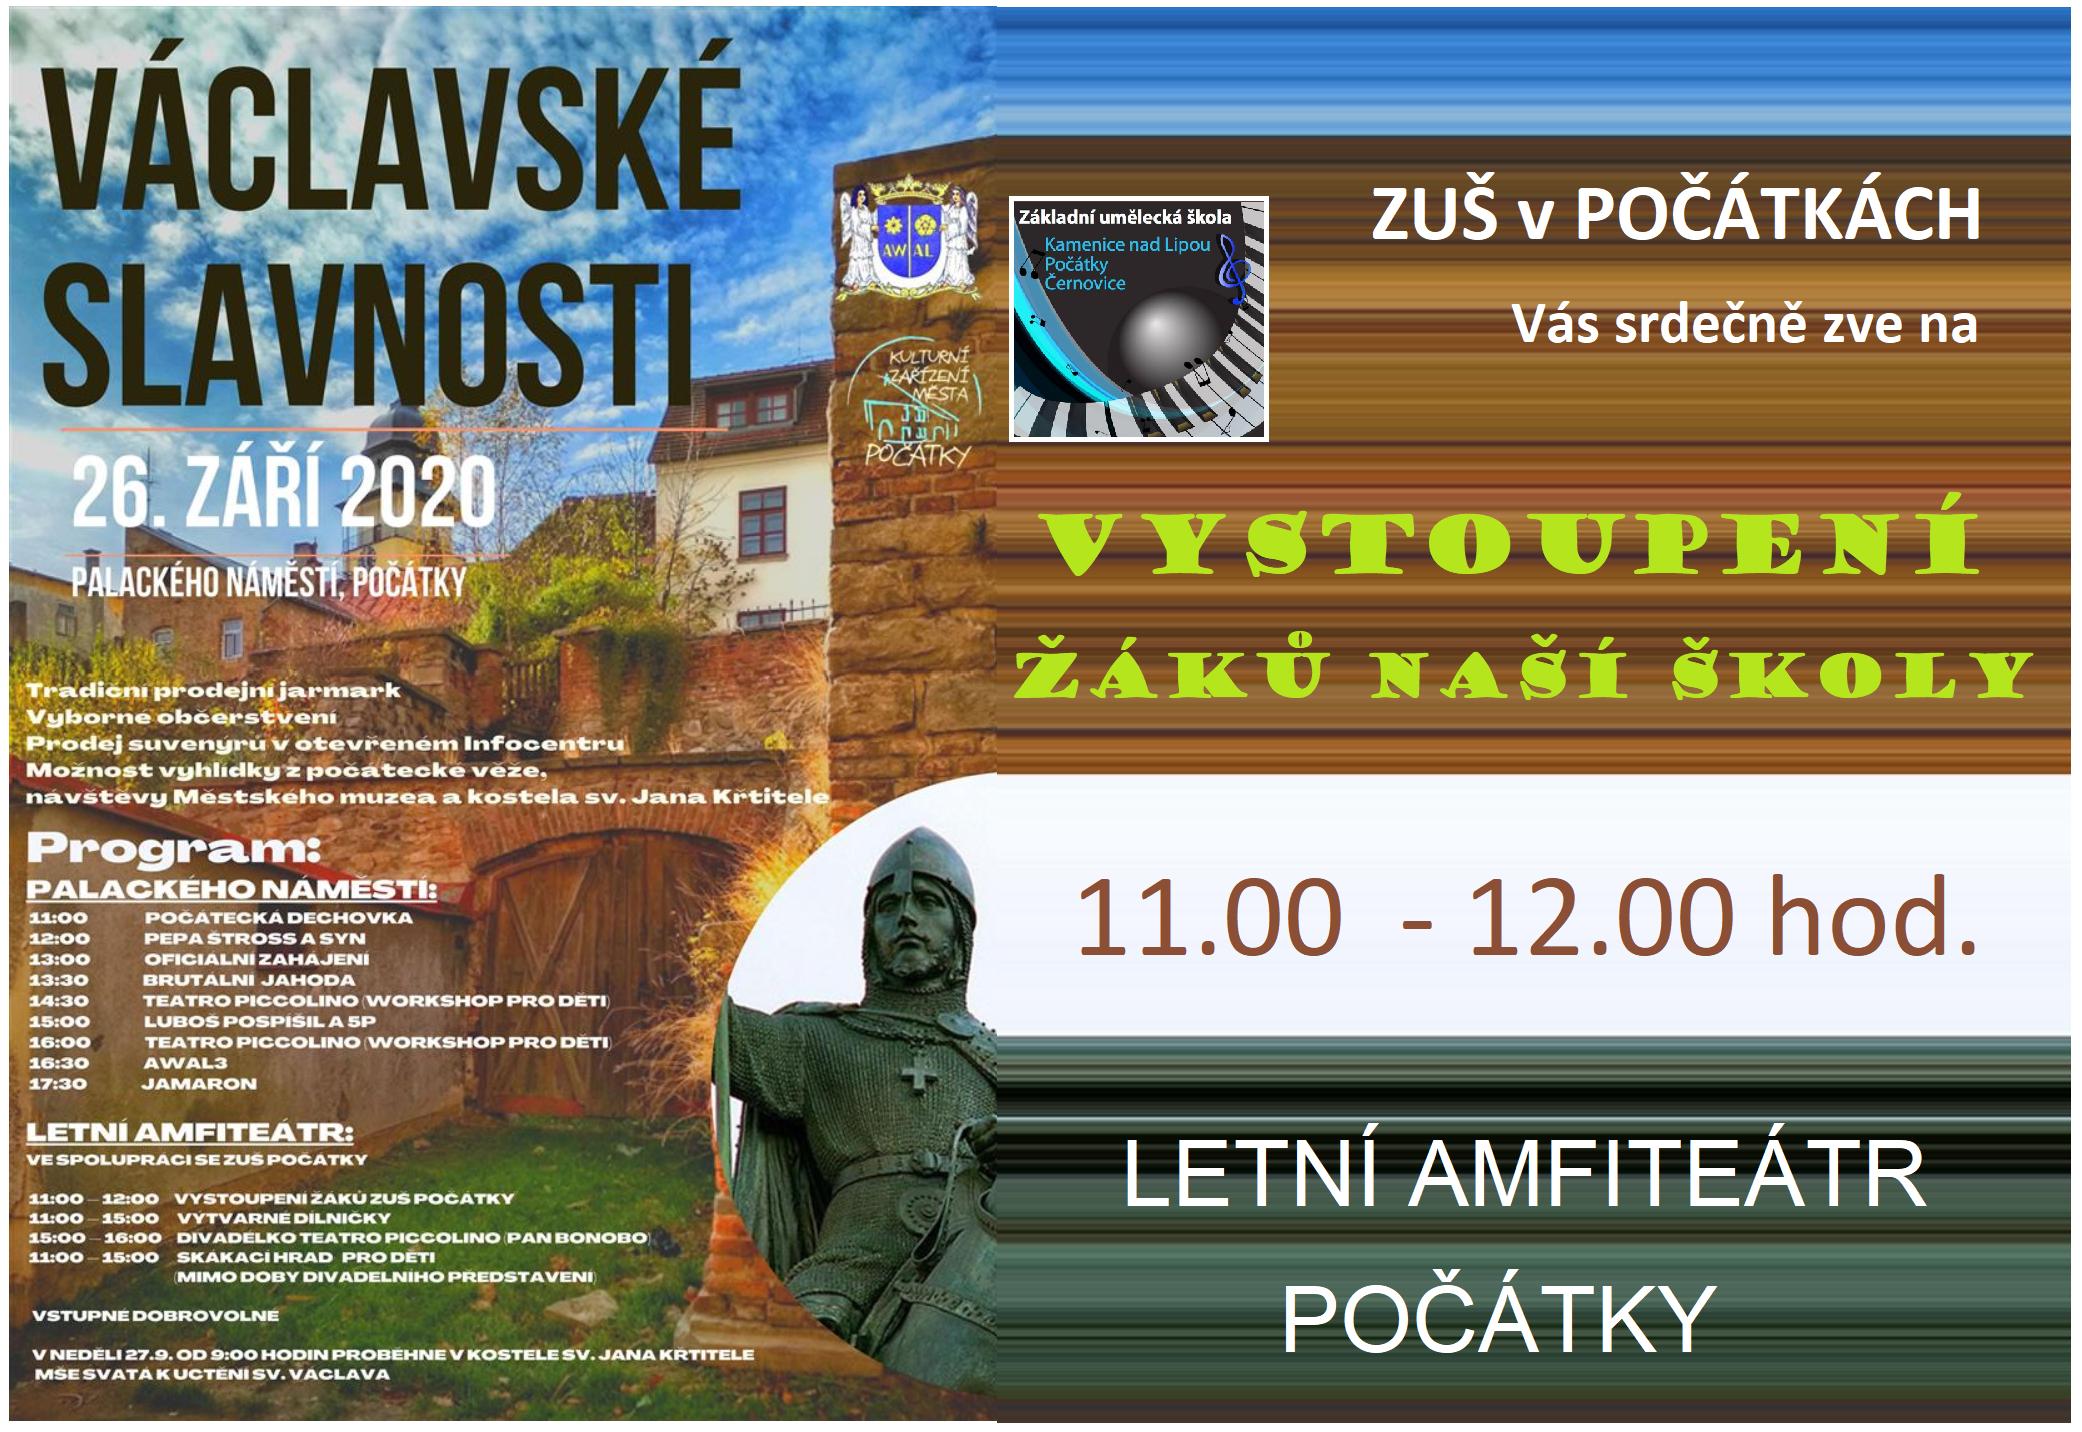 26. 9. 2020 - VÁCLAVSKÉ SLAVNOSTI POČÁTKY